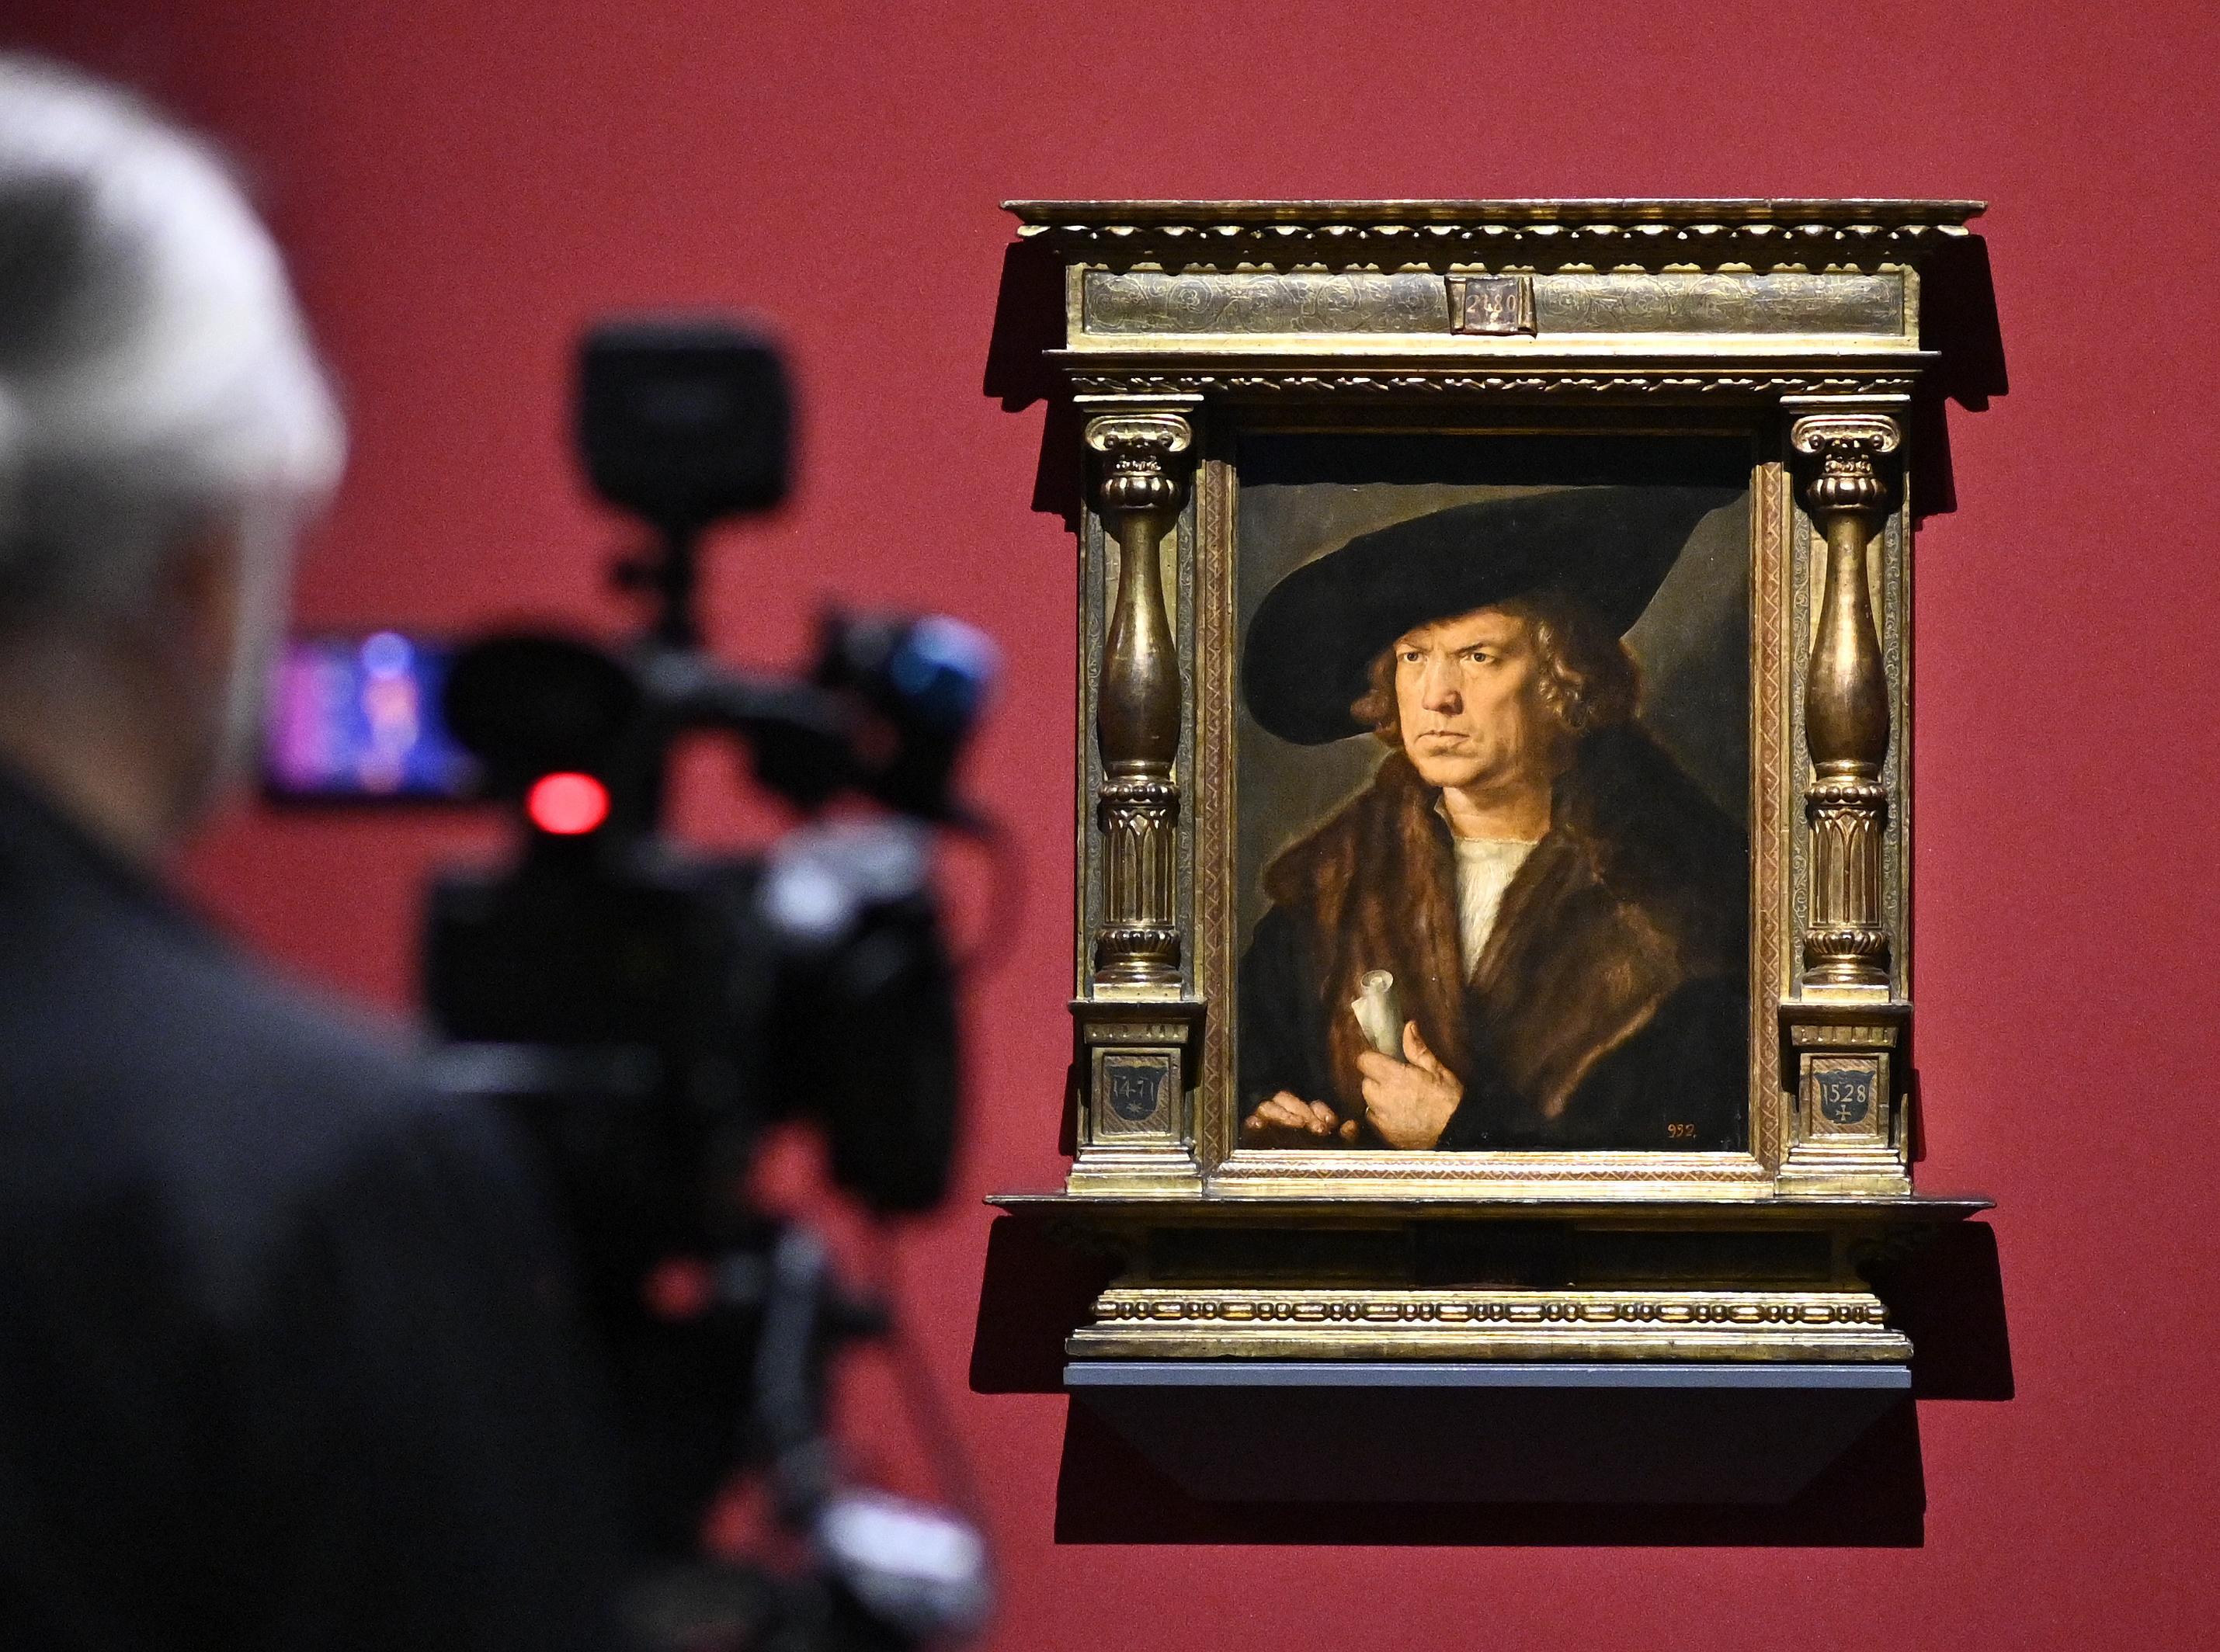 Bilder eines Superhelden: Dürer-Ausstellung in der Albertina